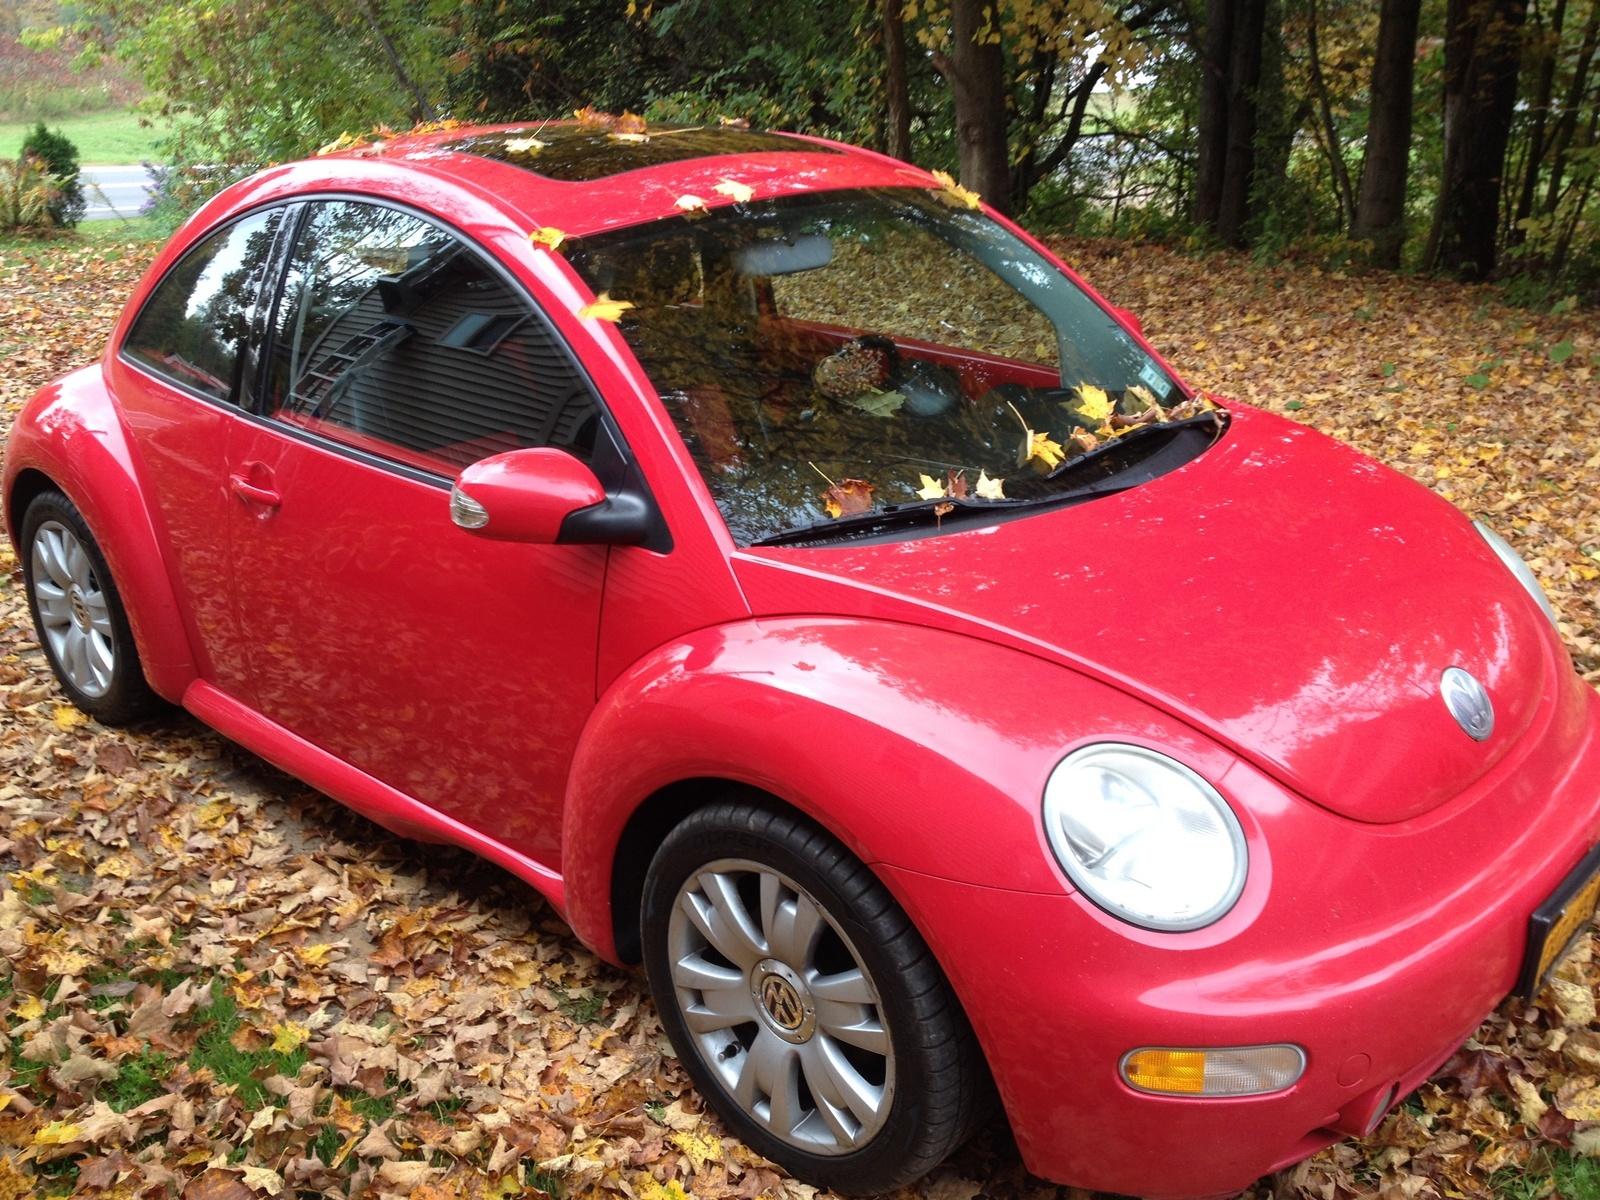 volkswagen beetle questions 2003 beetle turbo error code. Black Bedroom Furniture Sets. Home Design Ideas